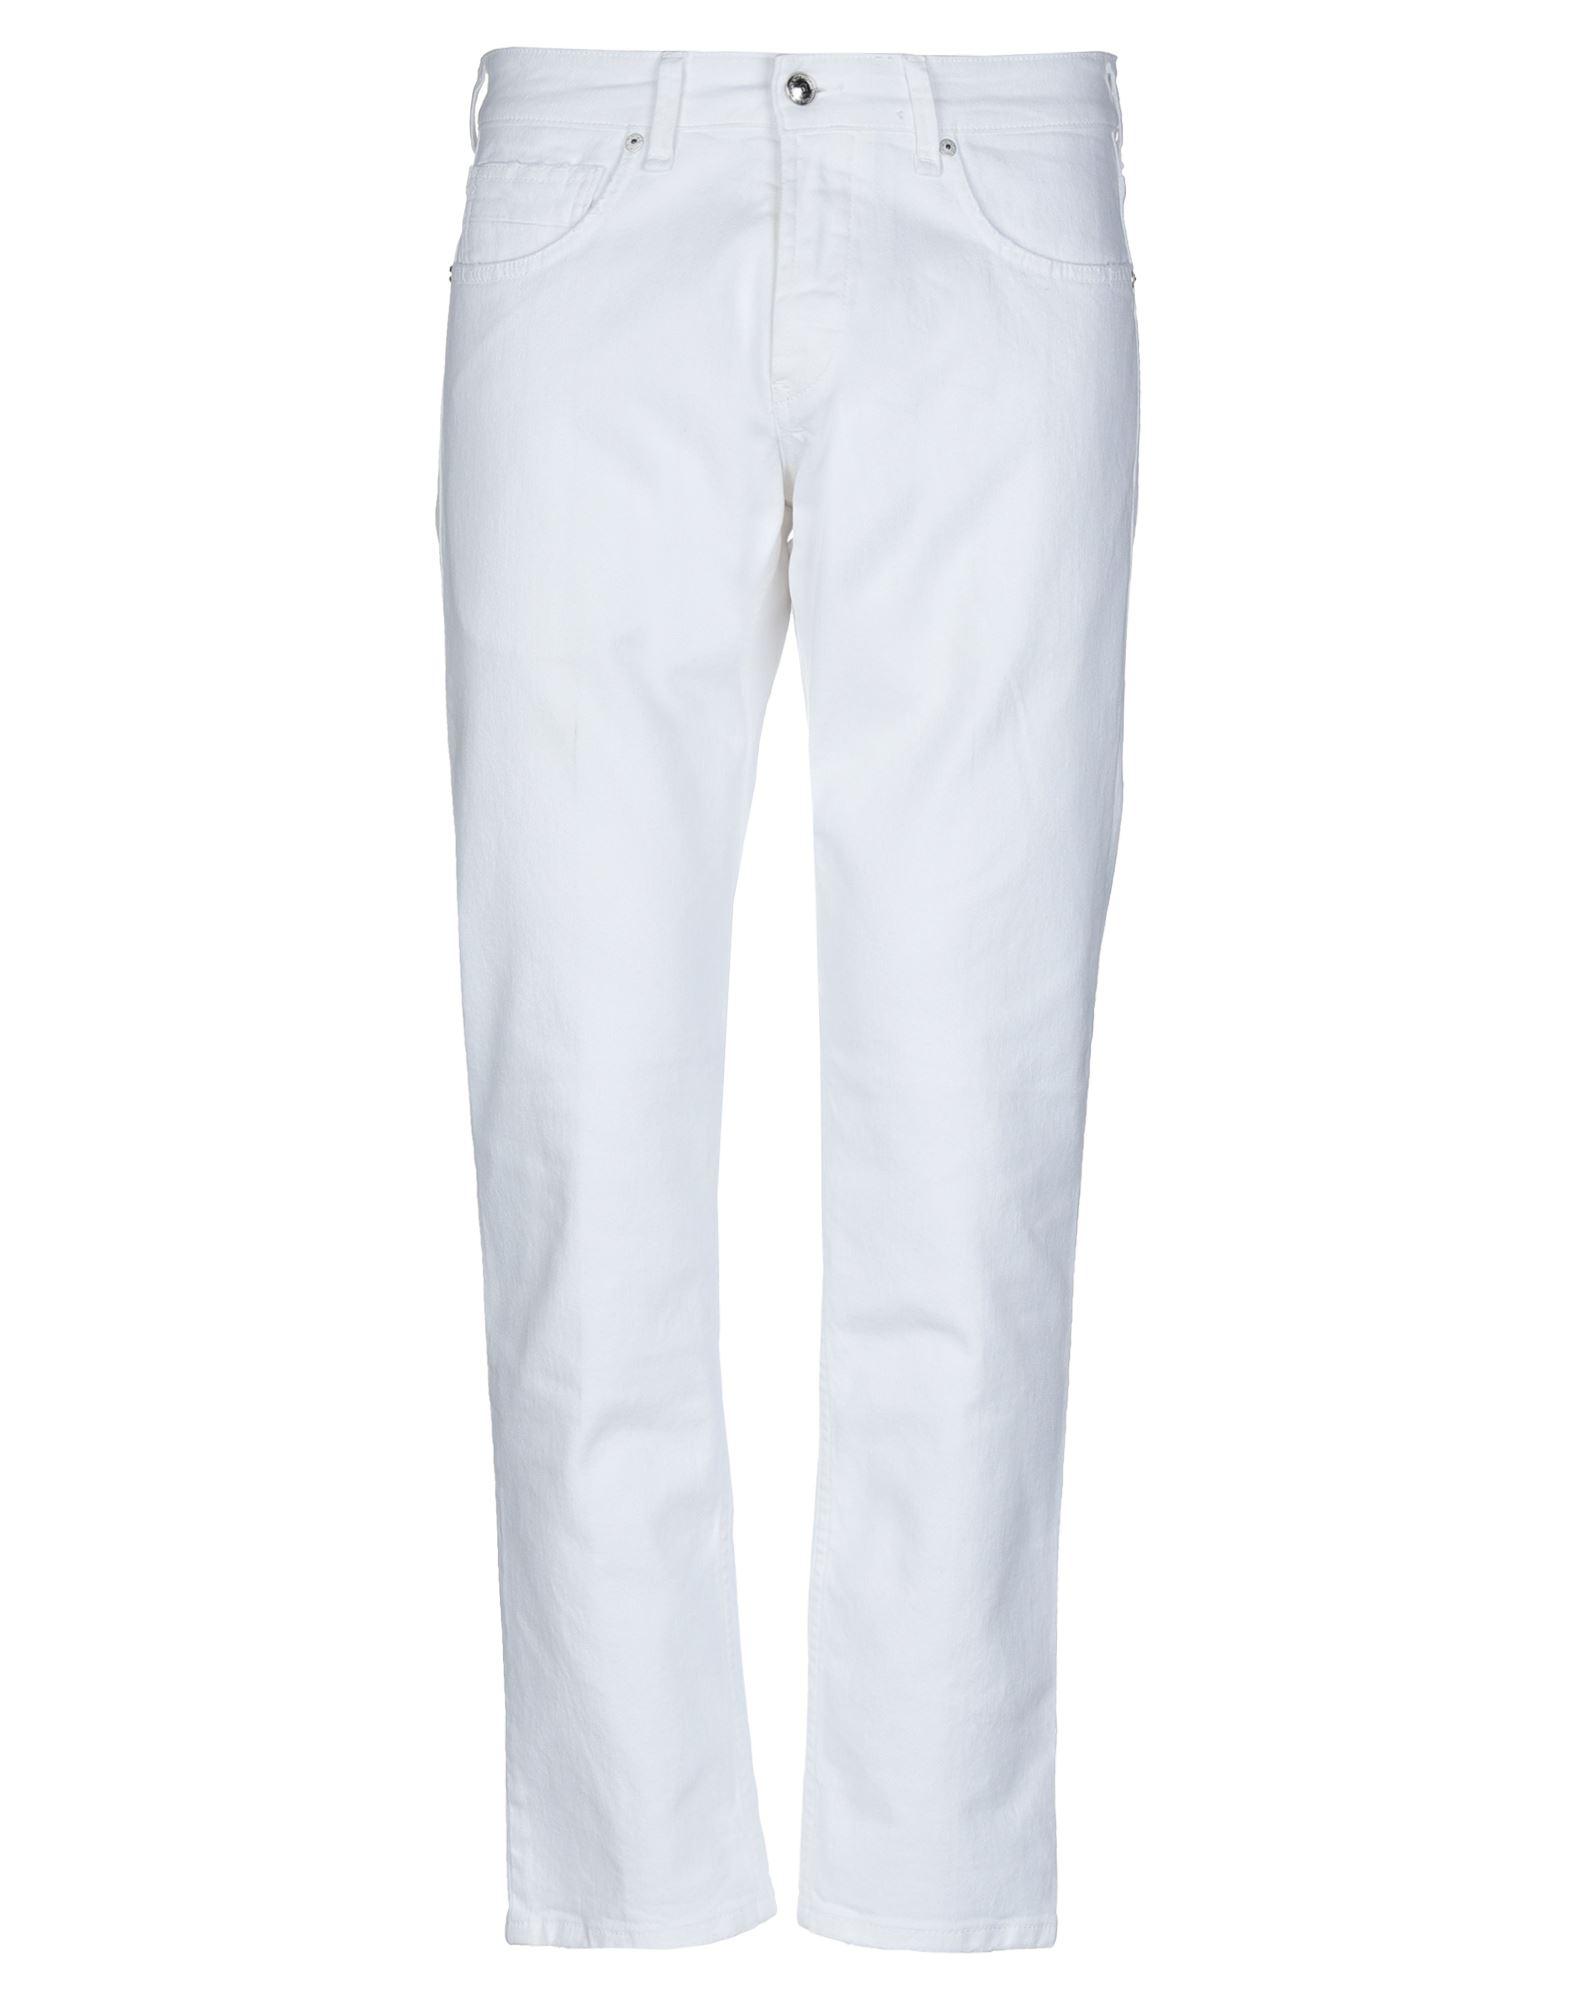 C+ PLUS Denim pants - Item 42829744